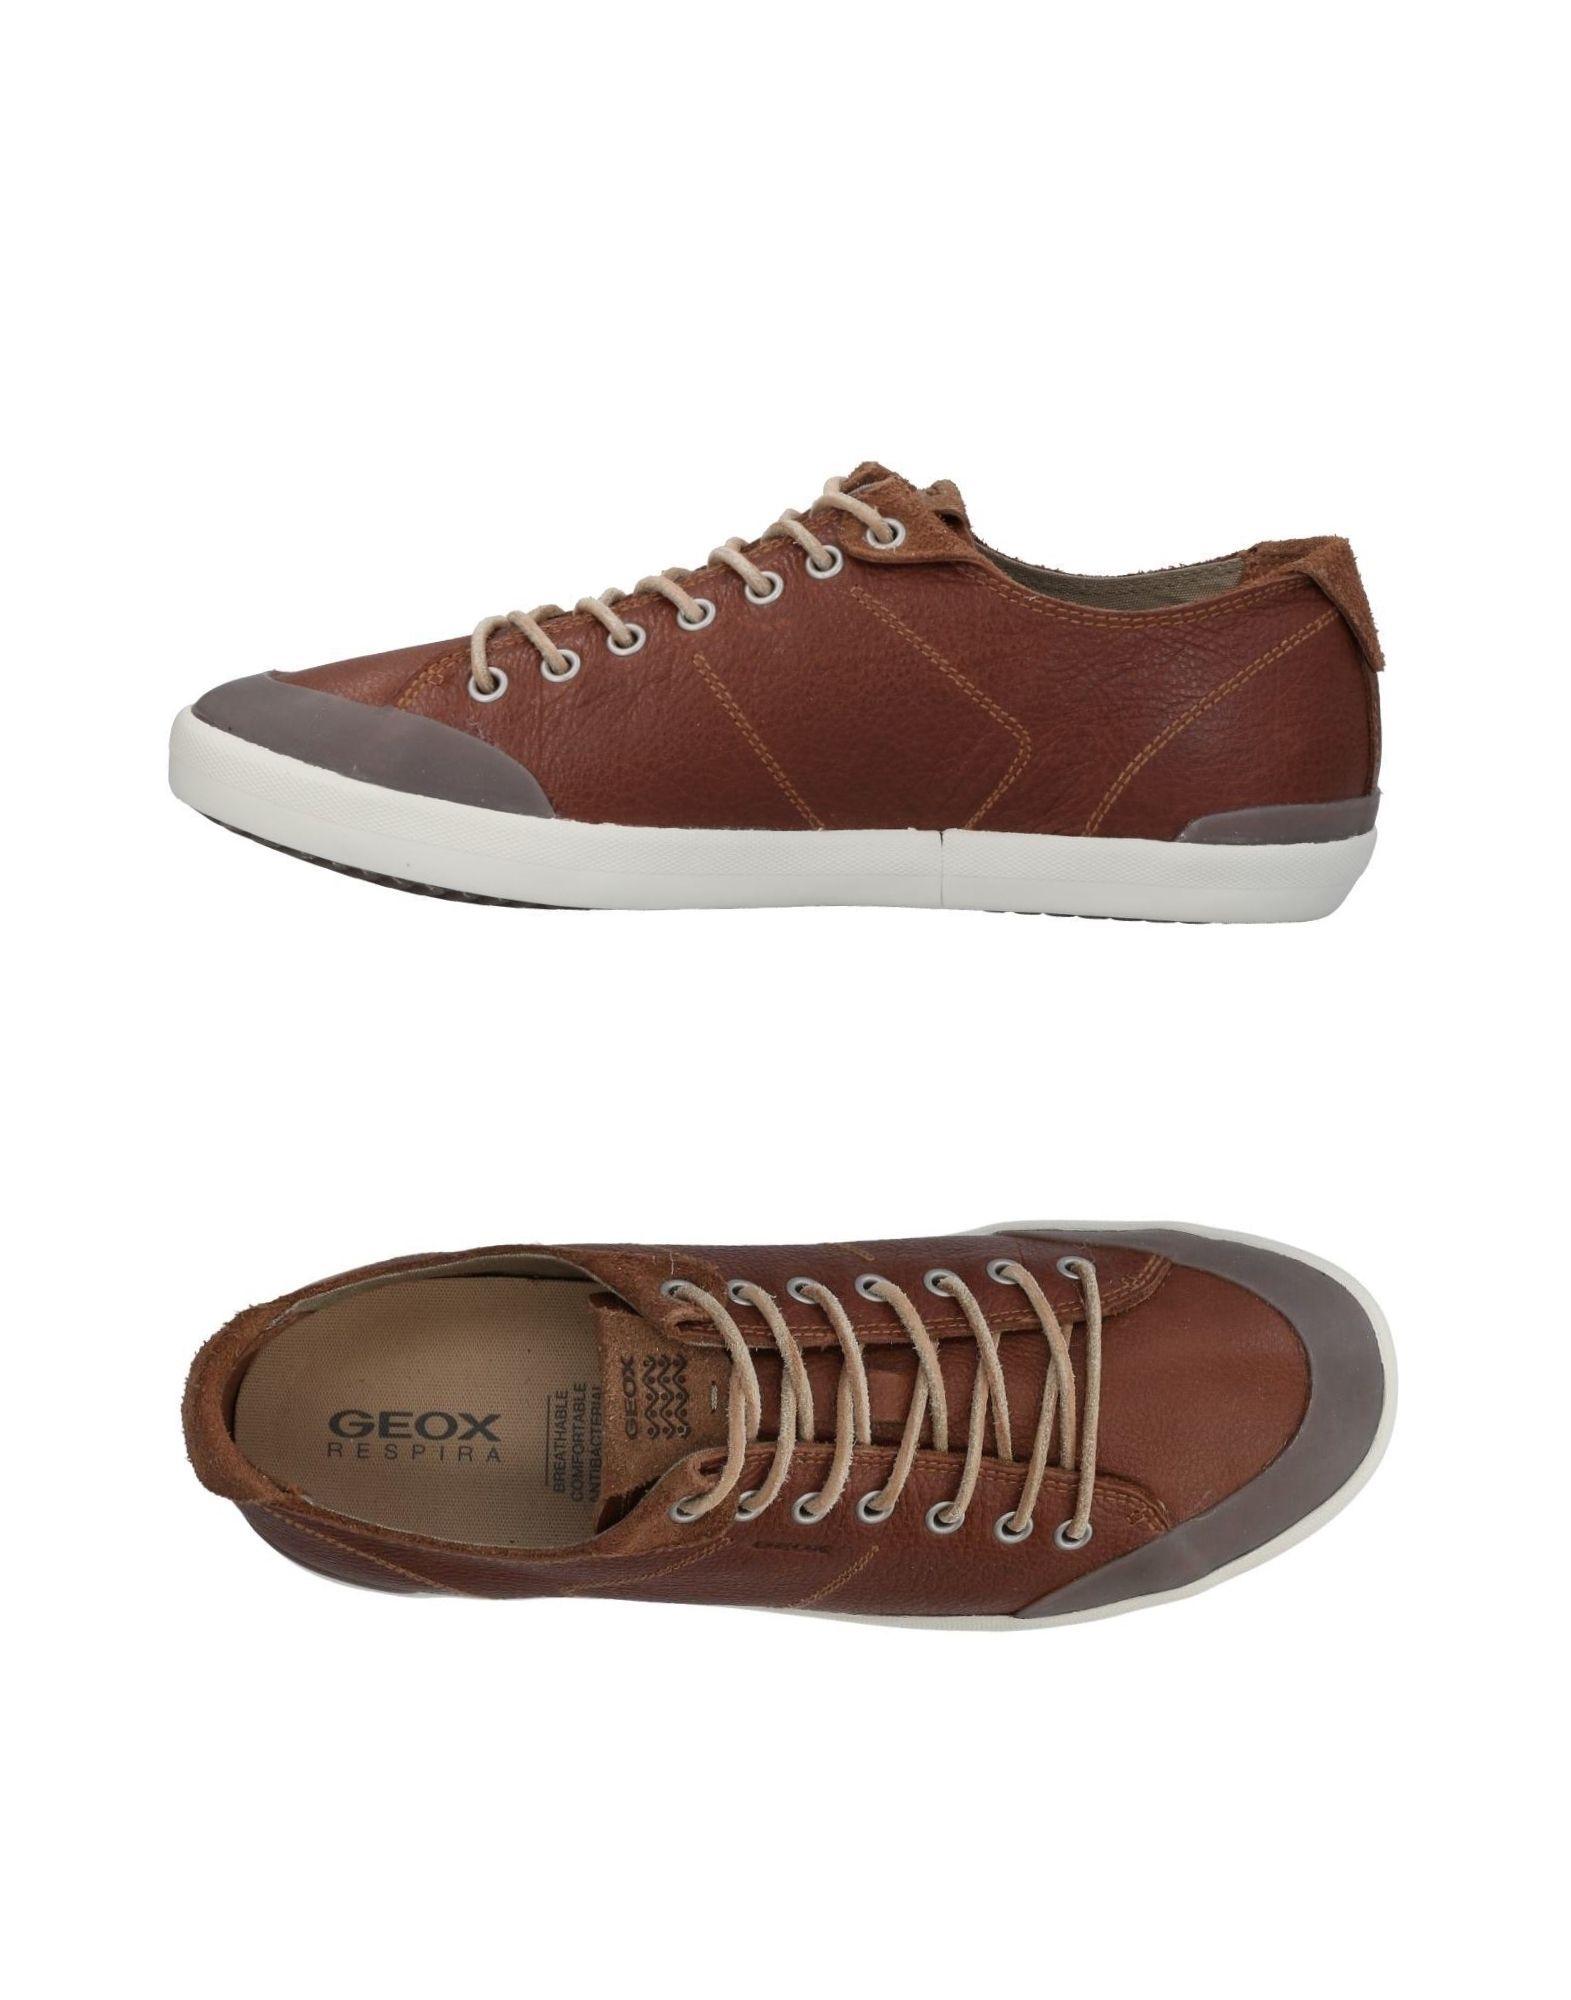 Sneakers Geox Homme - Sneakers Geox  Marron Spécial temps limité